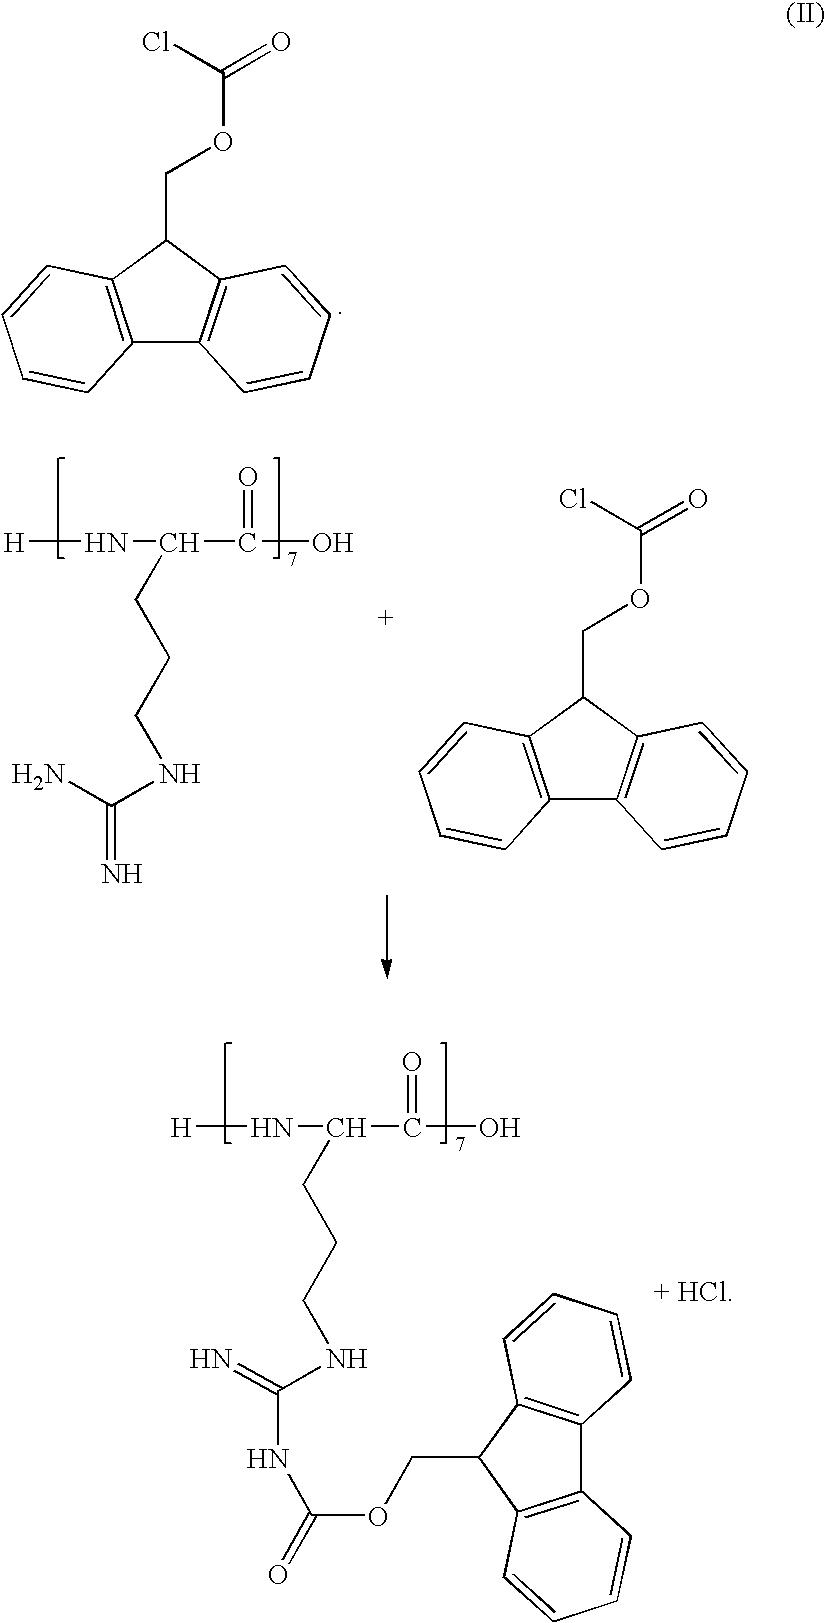 Figure US20060002974A1-20060105-C00001